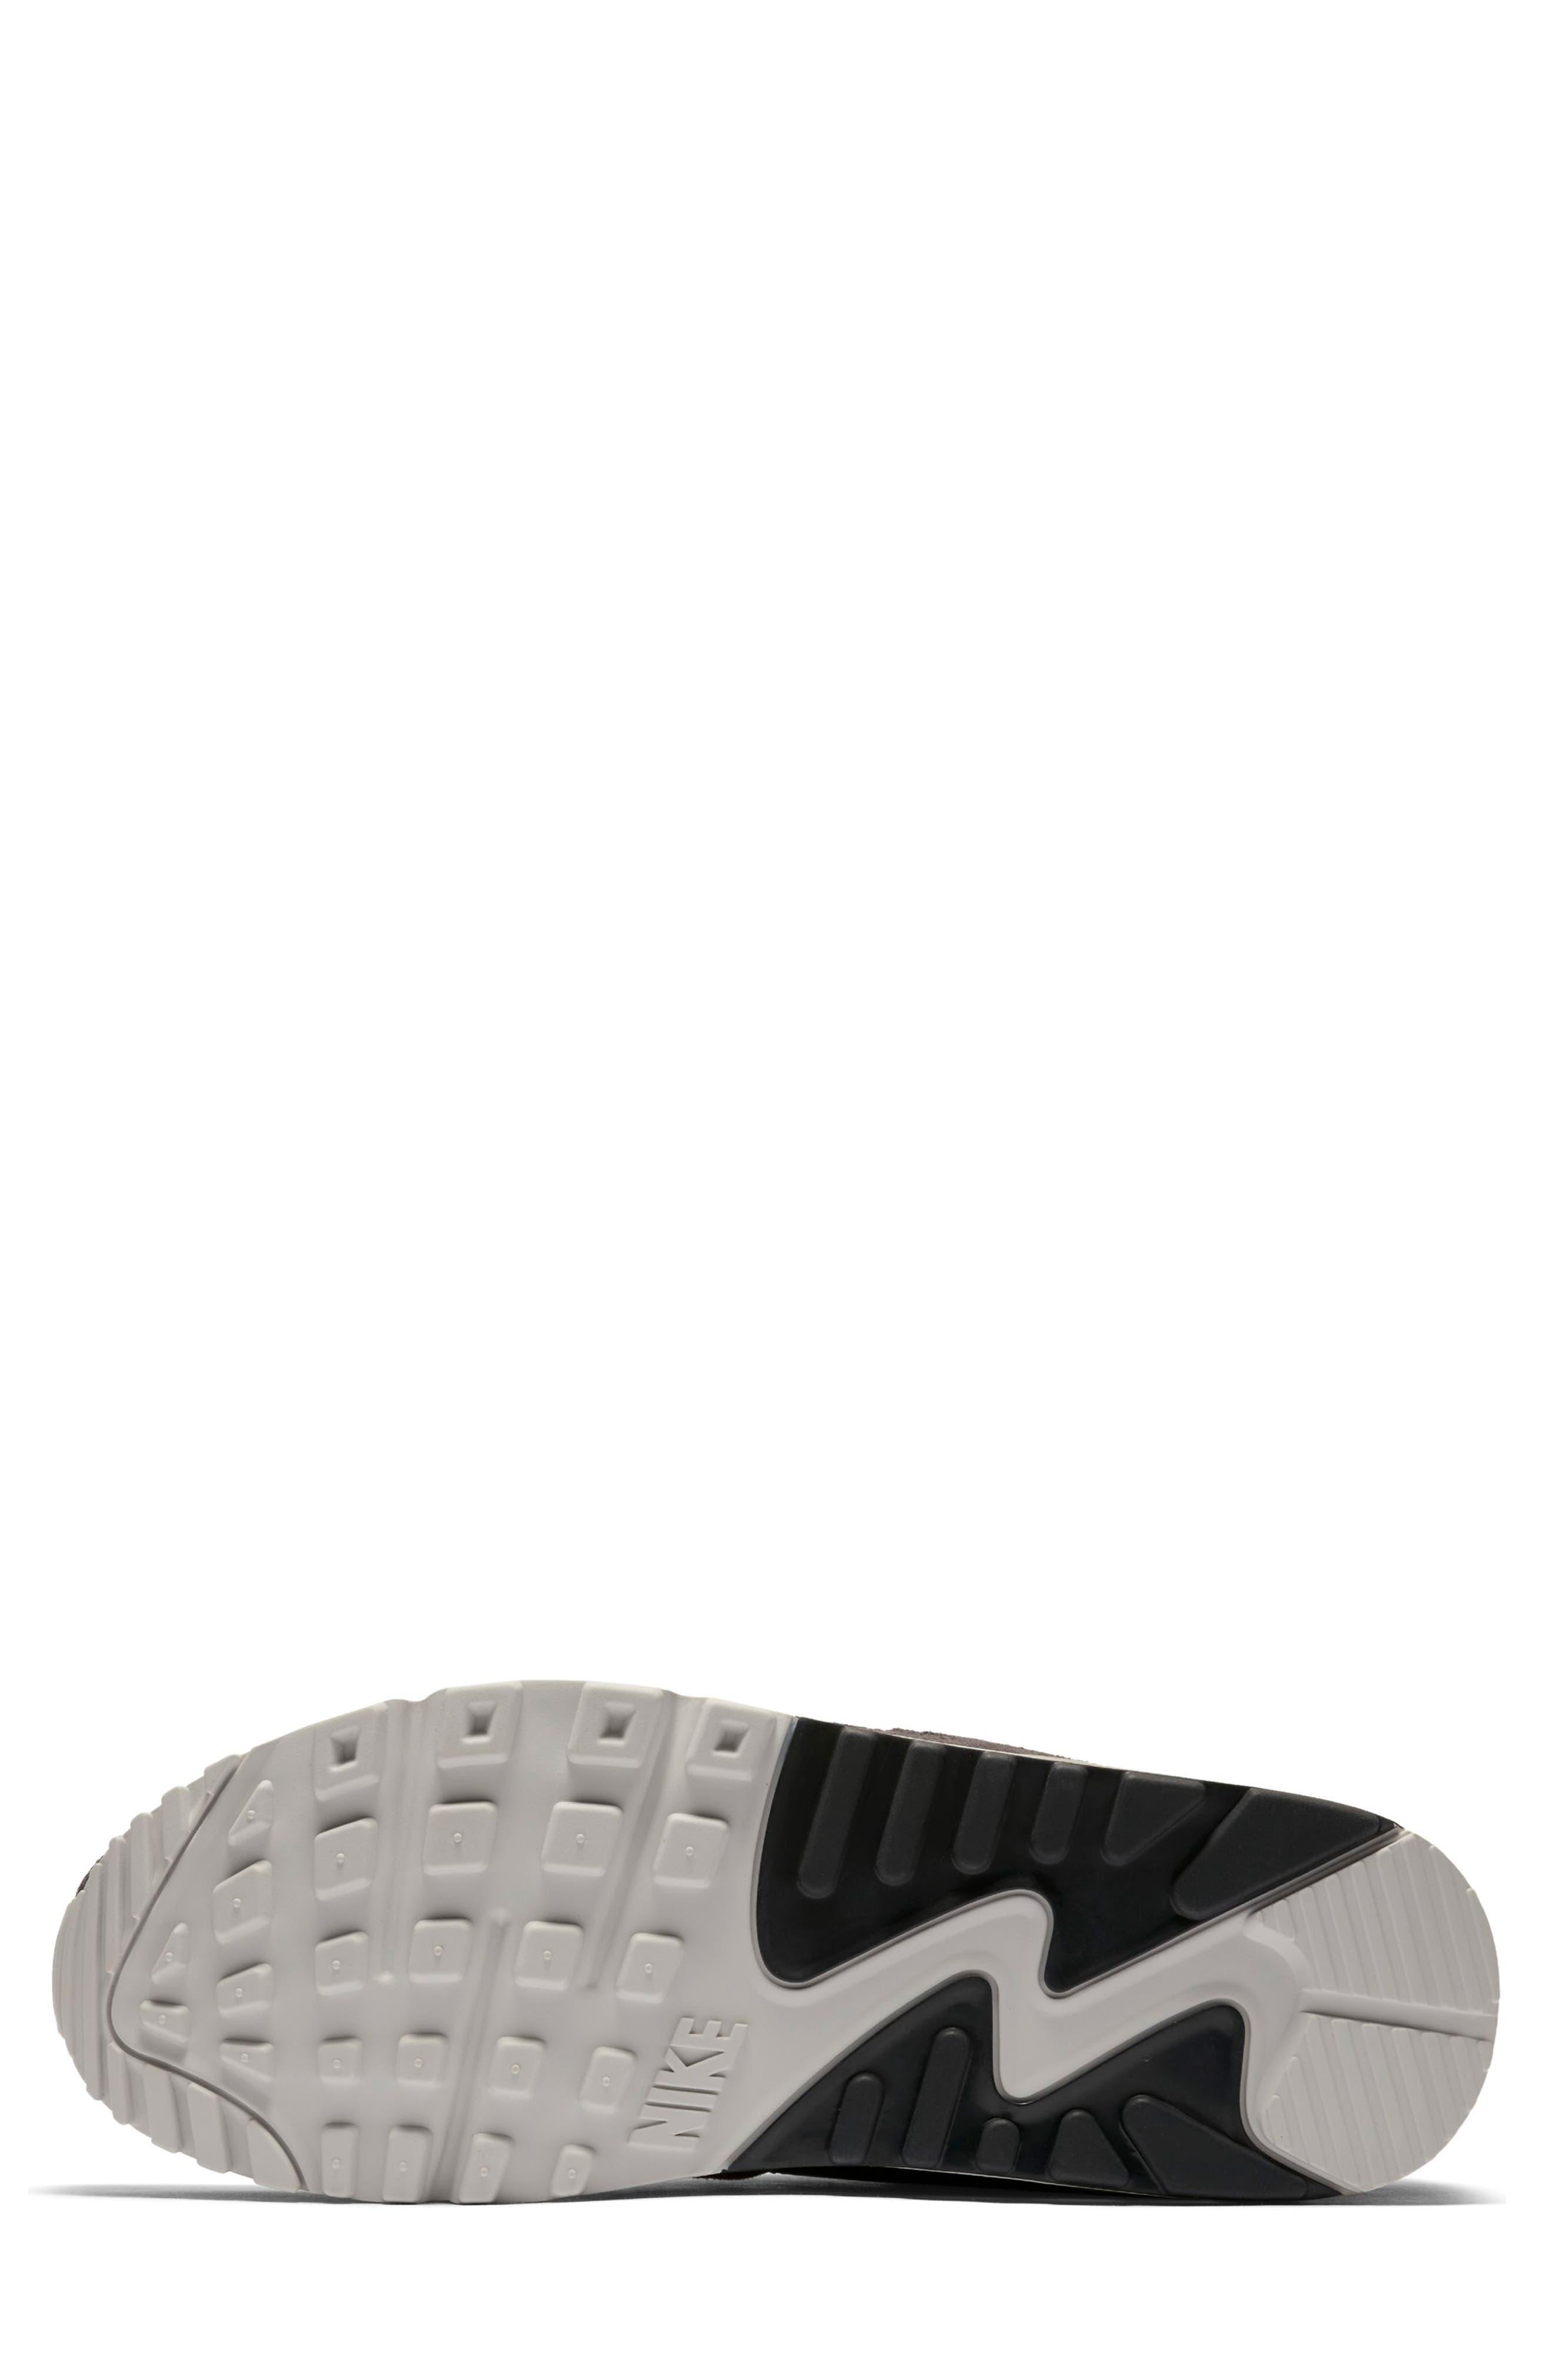 Air Max 90/1 Sneaker,                             Alternate thumbnail 5, color,                             RED SEPIA/ OIL GREY-VAST GREY